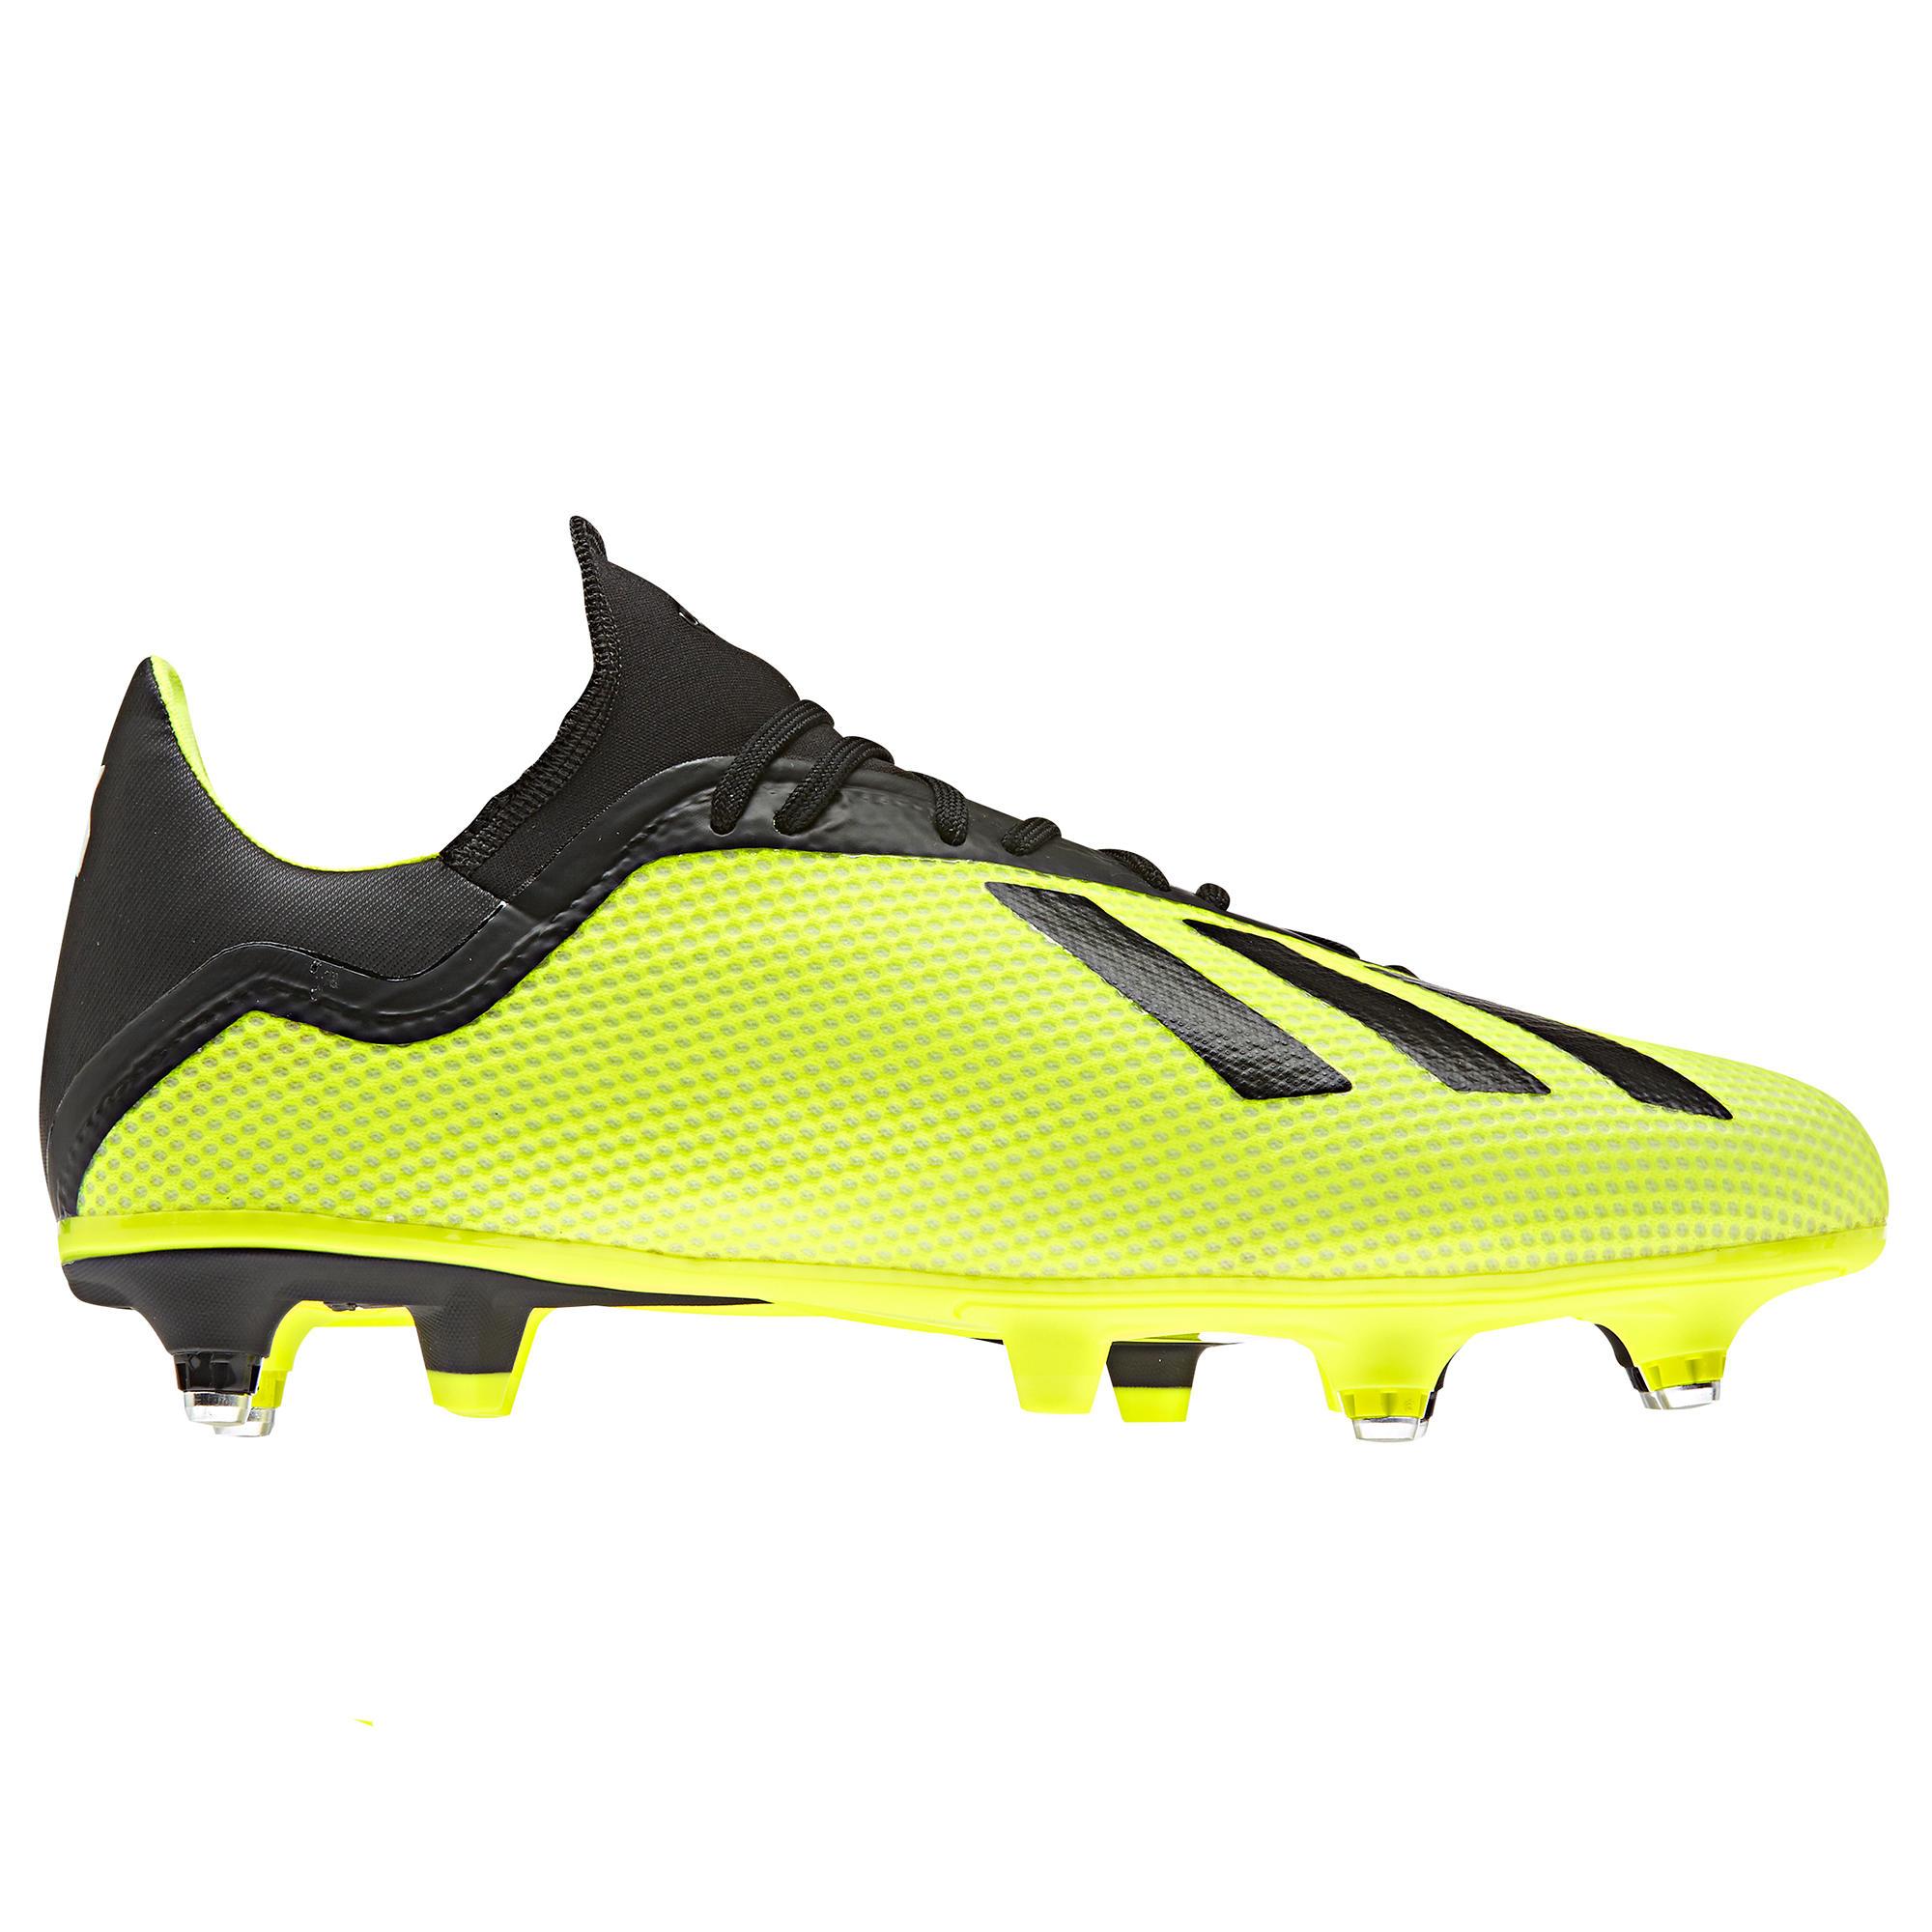 Adidas Voetbalschoenen X 18.3 SG voor volwassenen geel